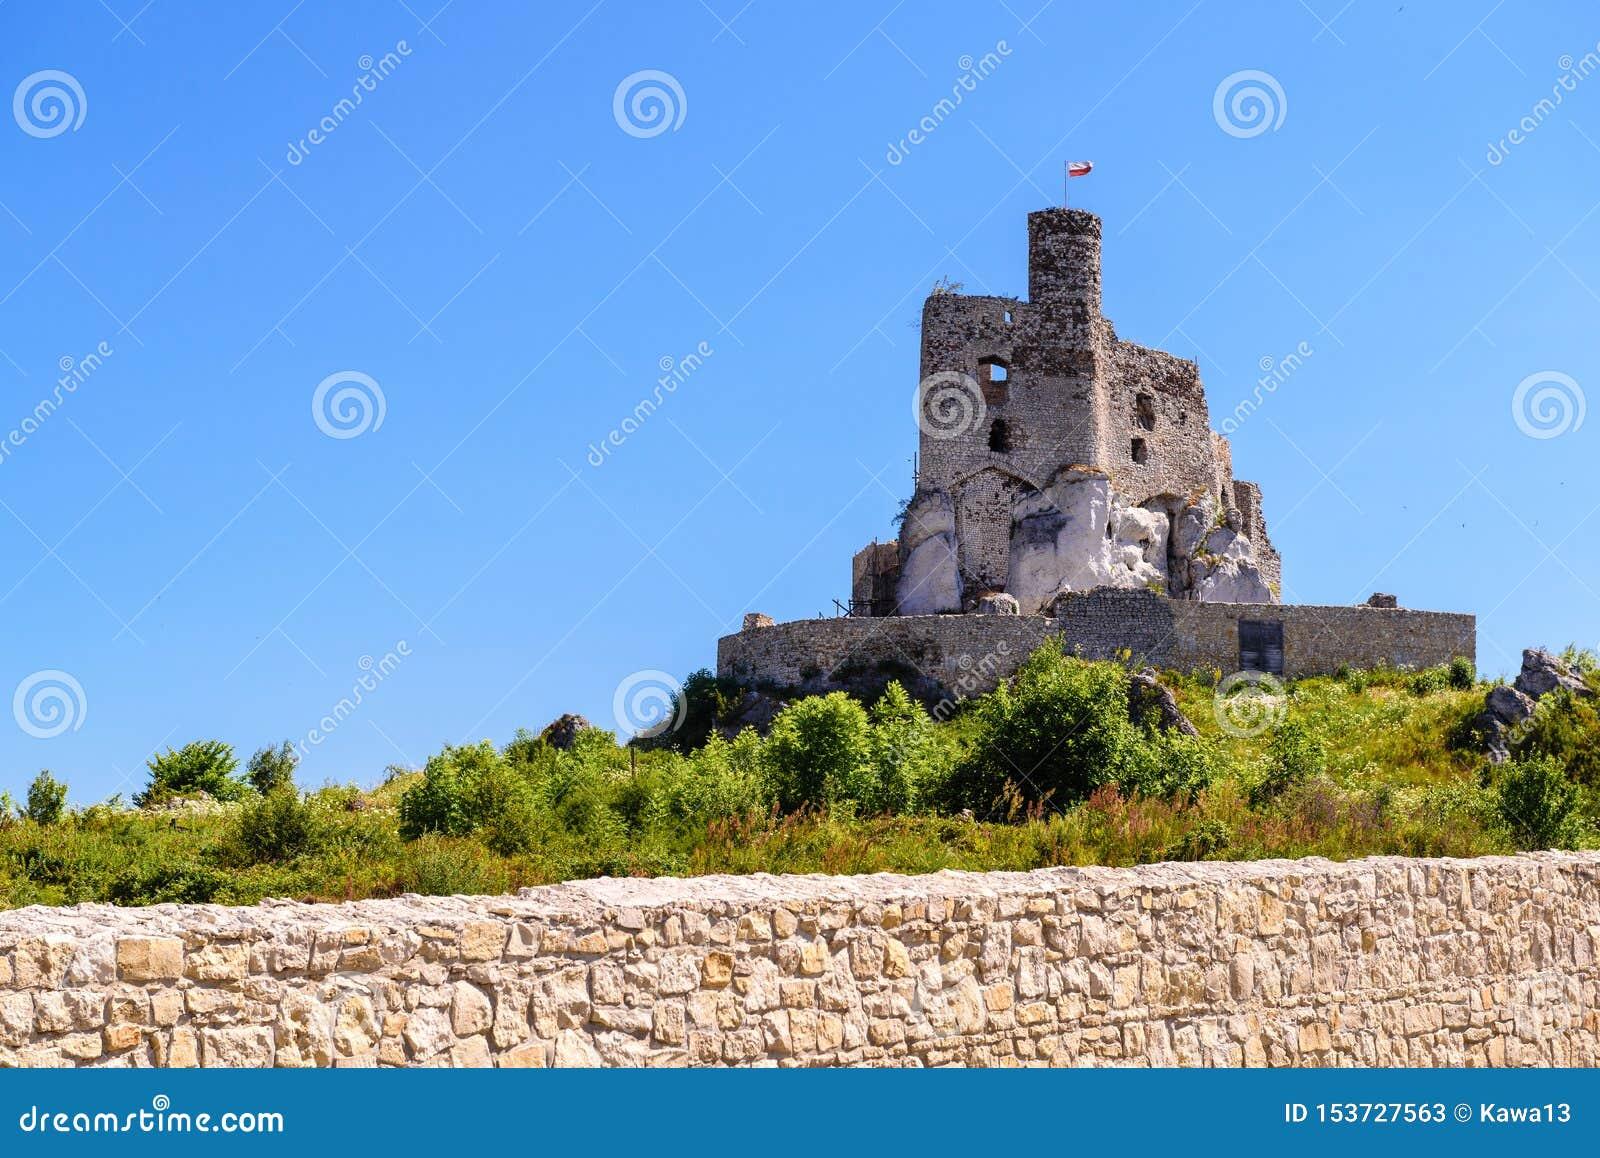 Fördärvar av slott i Mirow by, en av de medeltida slottarna som kallas Eagles som reden skuggar